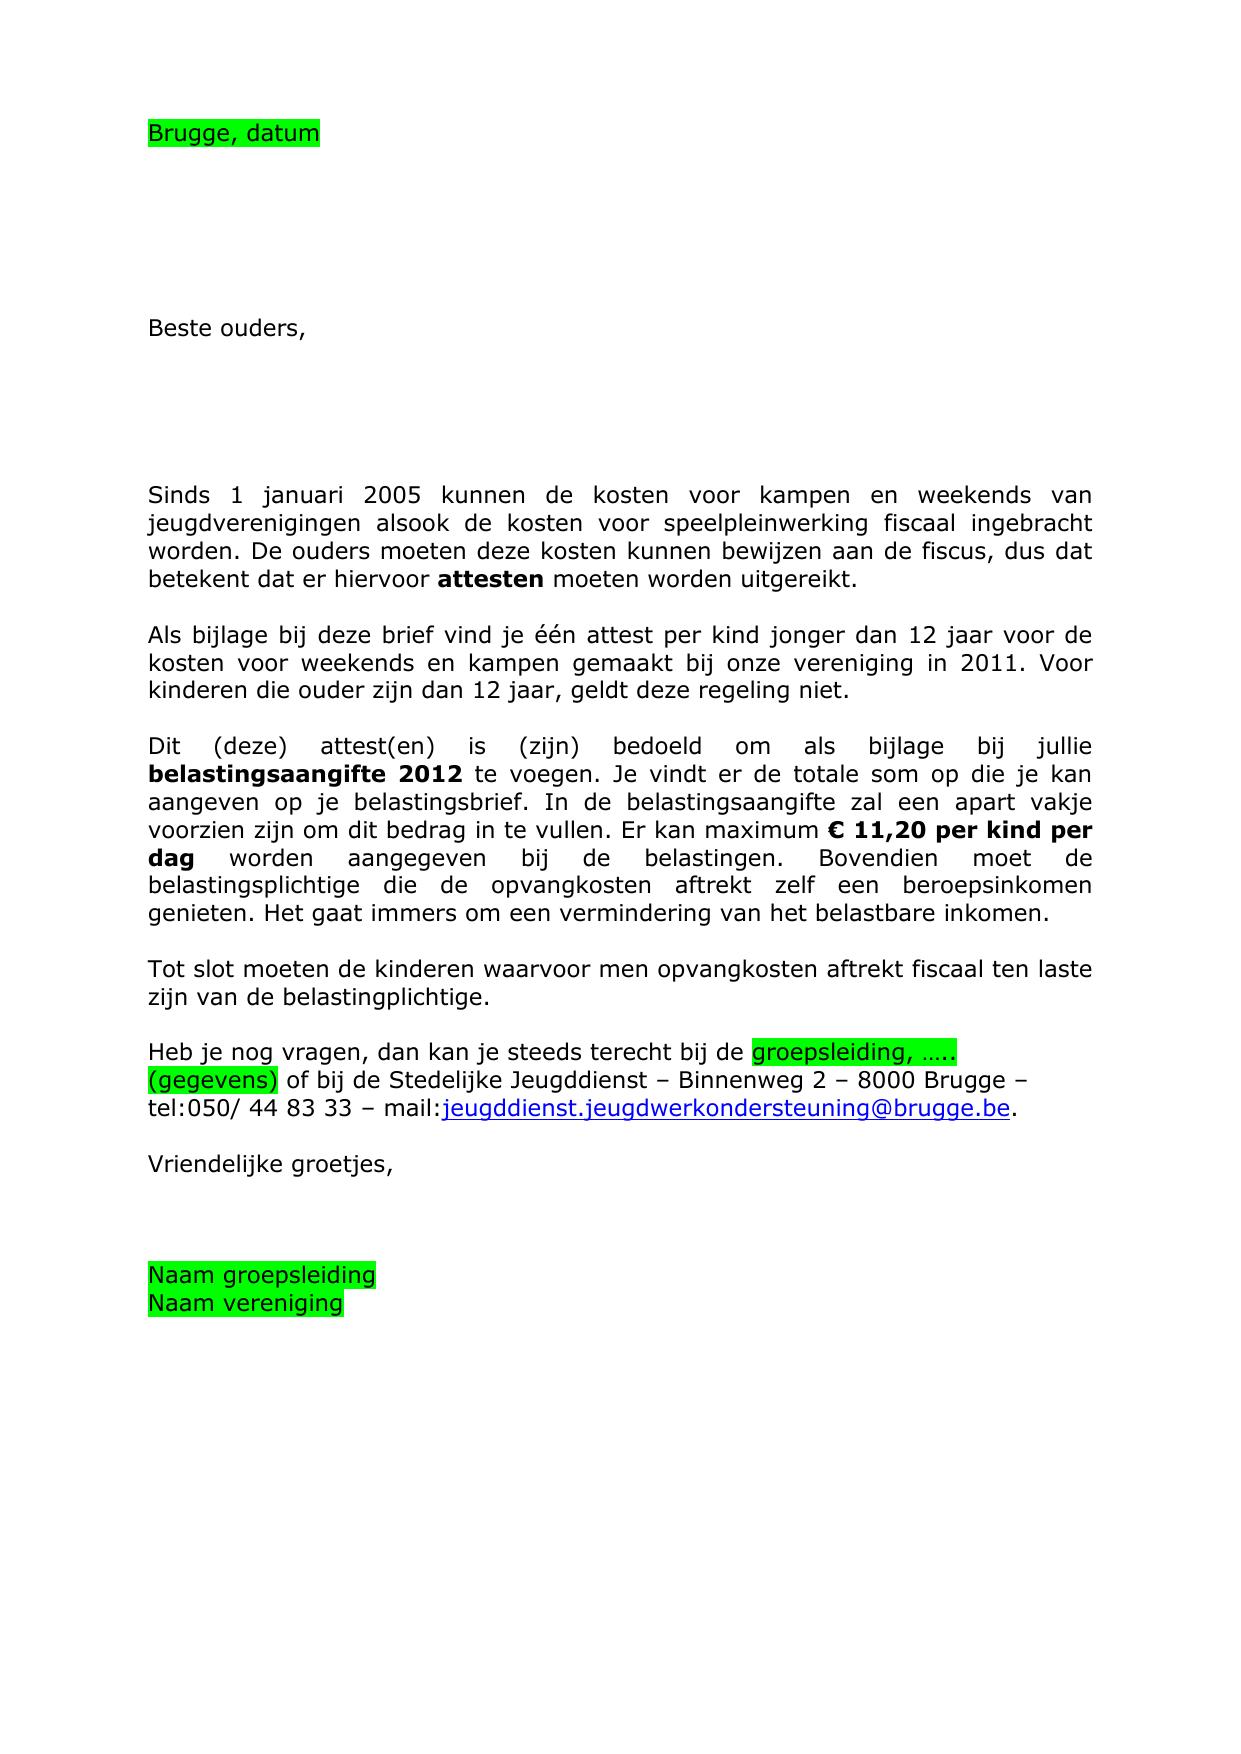 voorbeeld begeleidende brief VOORBEELD VAN EEN BEGELEIDENDE BRIEF VOOR DE OUDERS